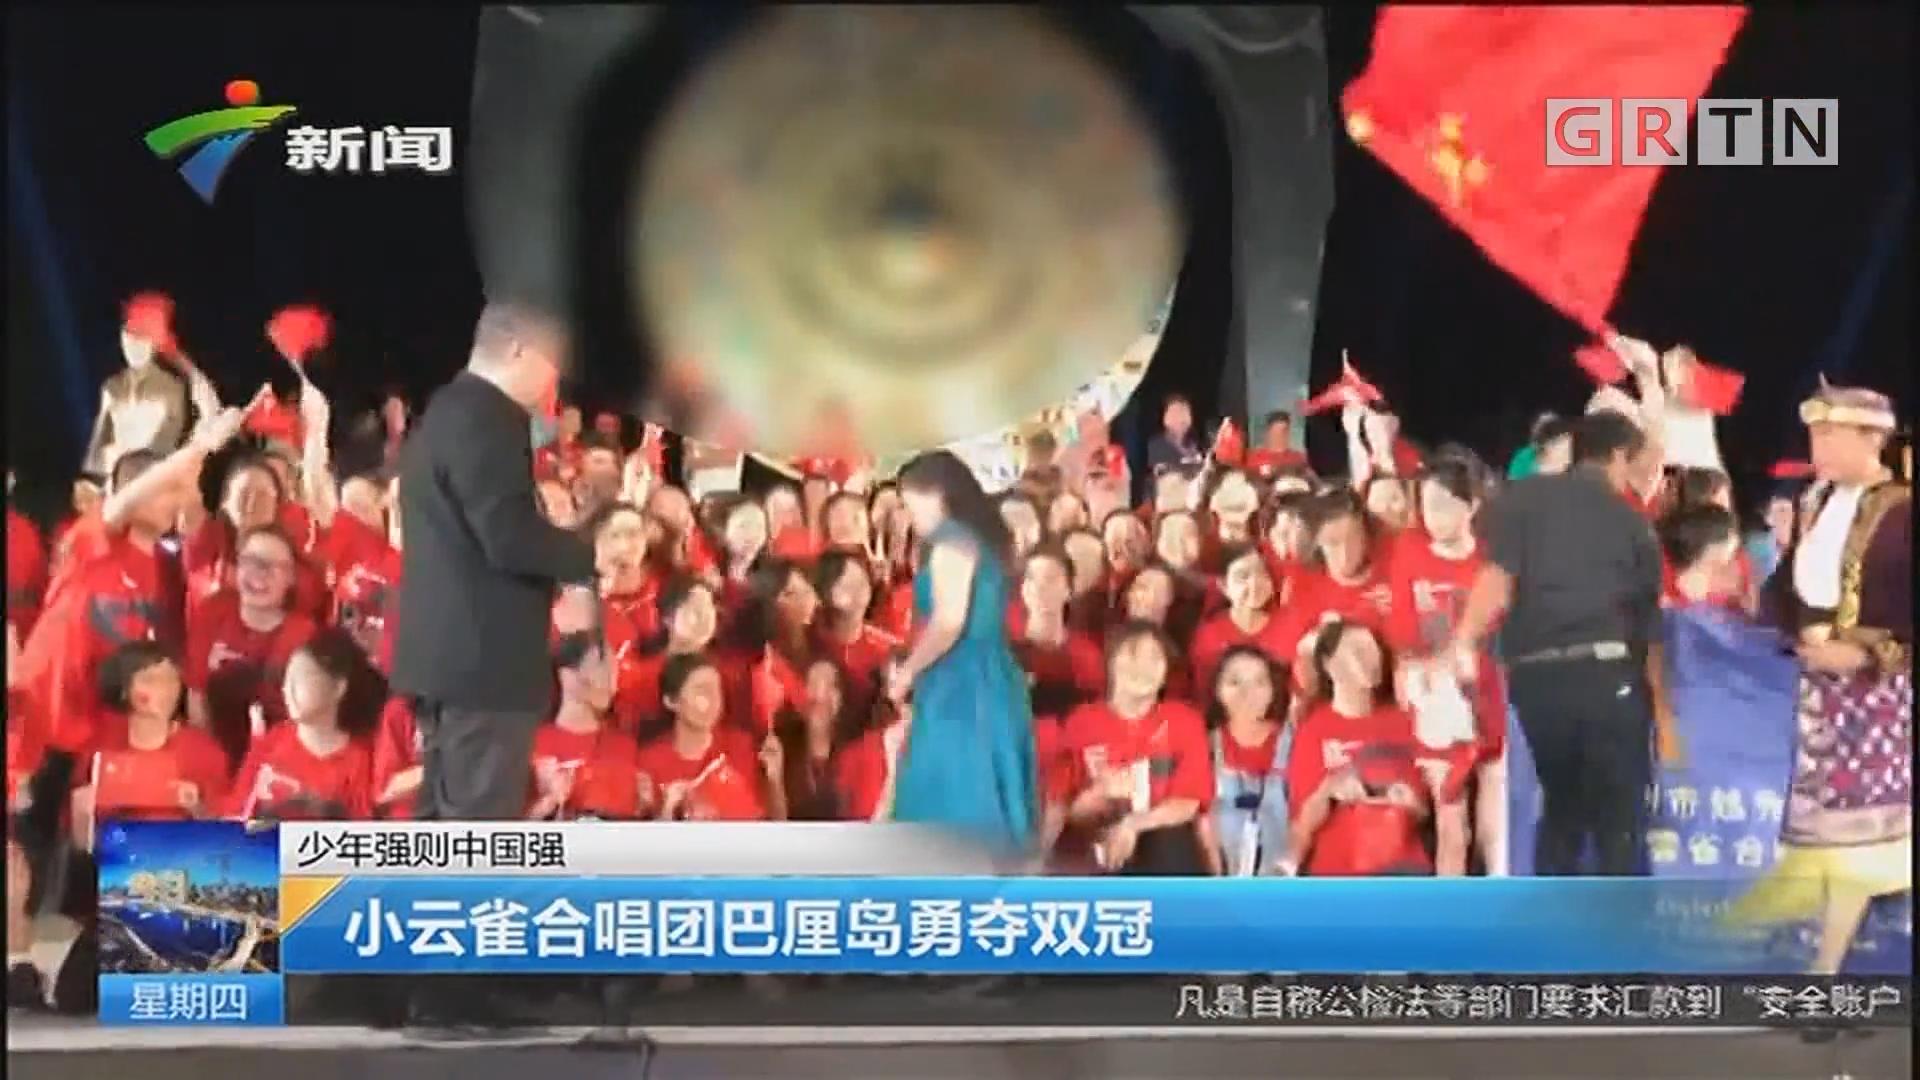 少年强则中国强 小云雀合唱团巴厘岛勇夺双冠